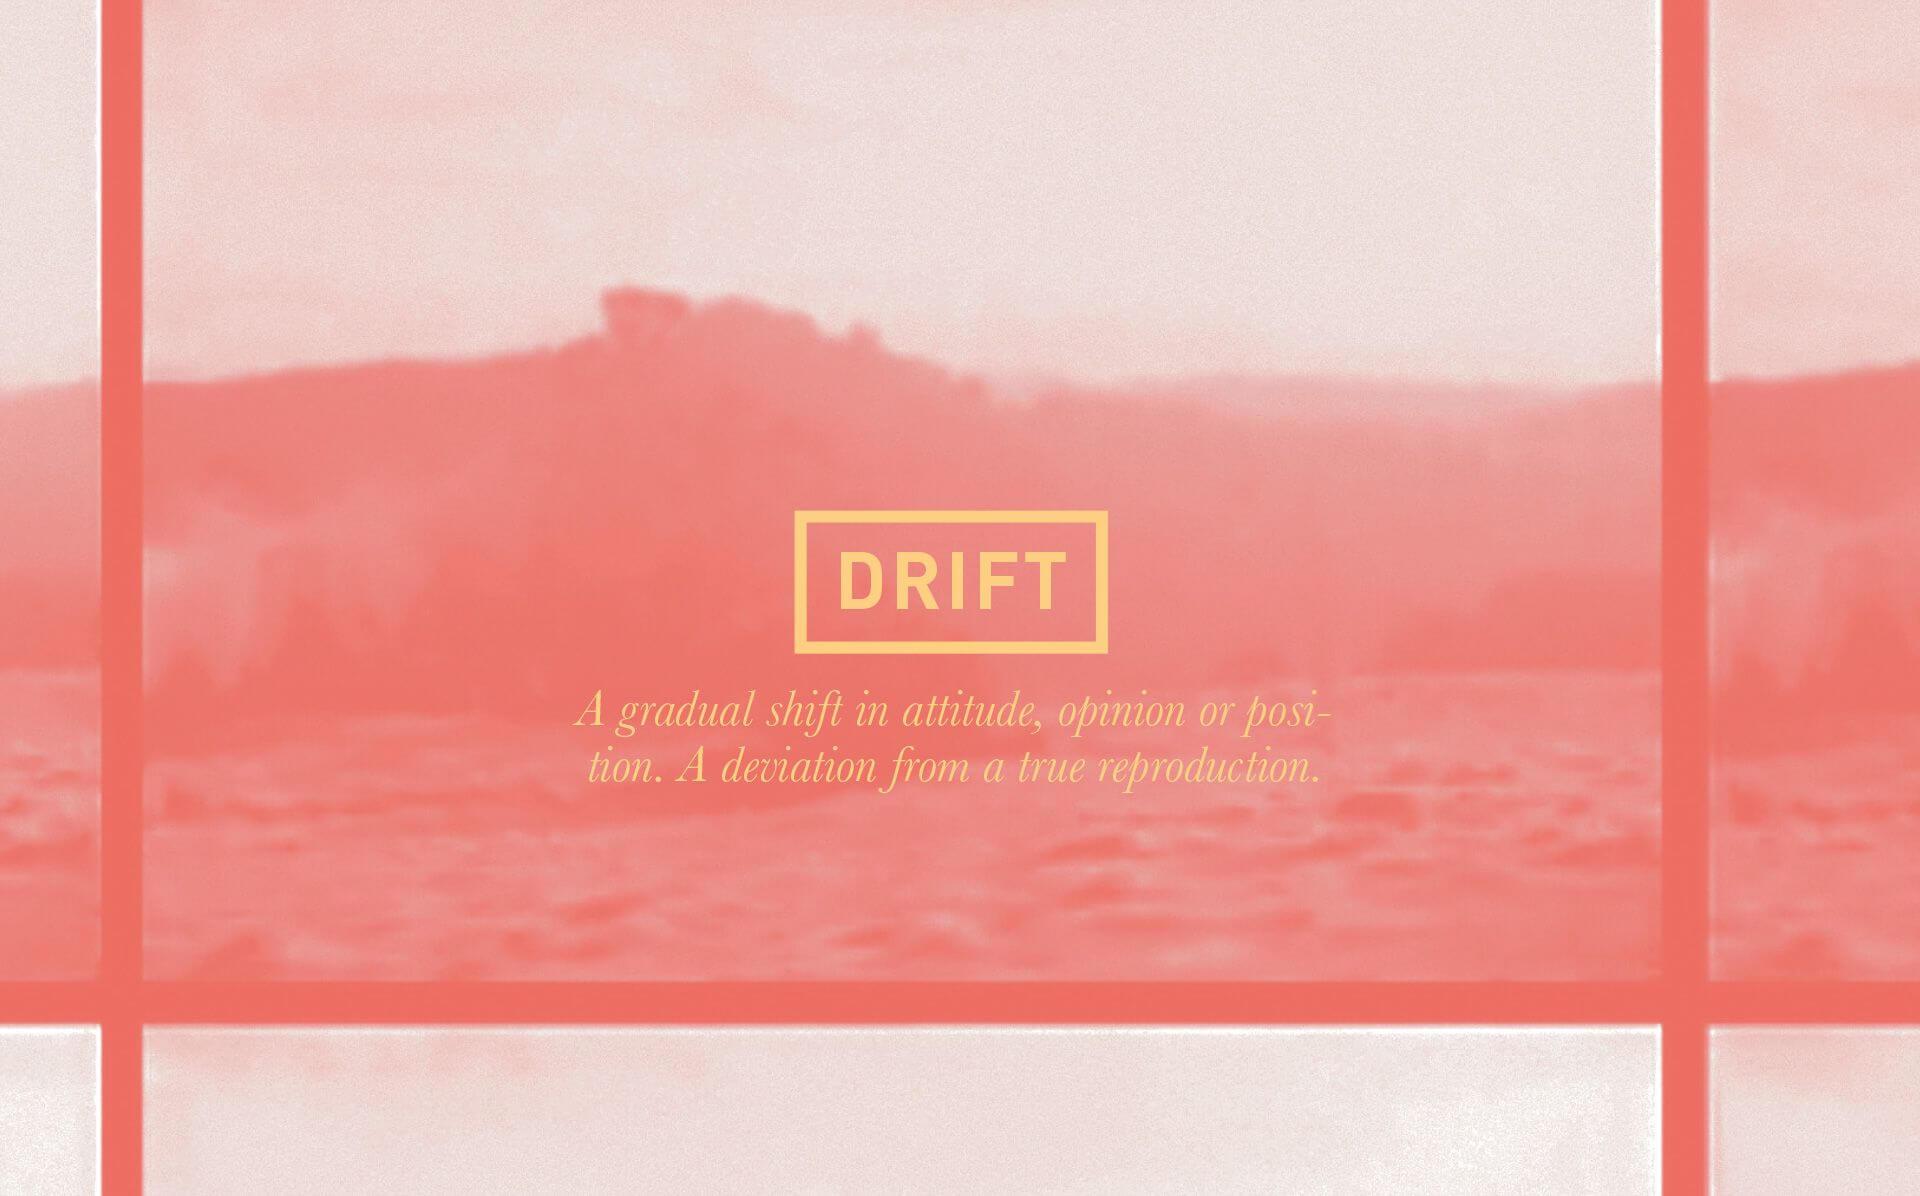 bunkr-drift